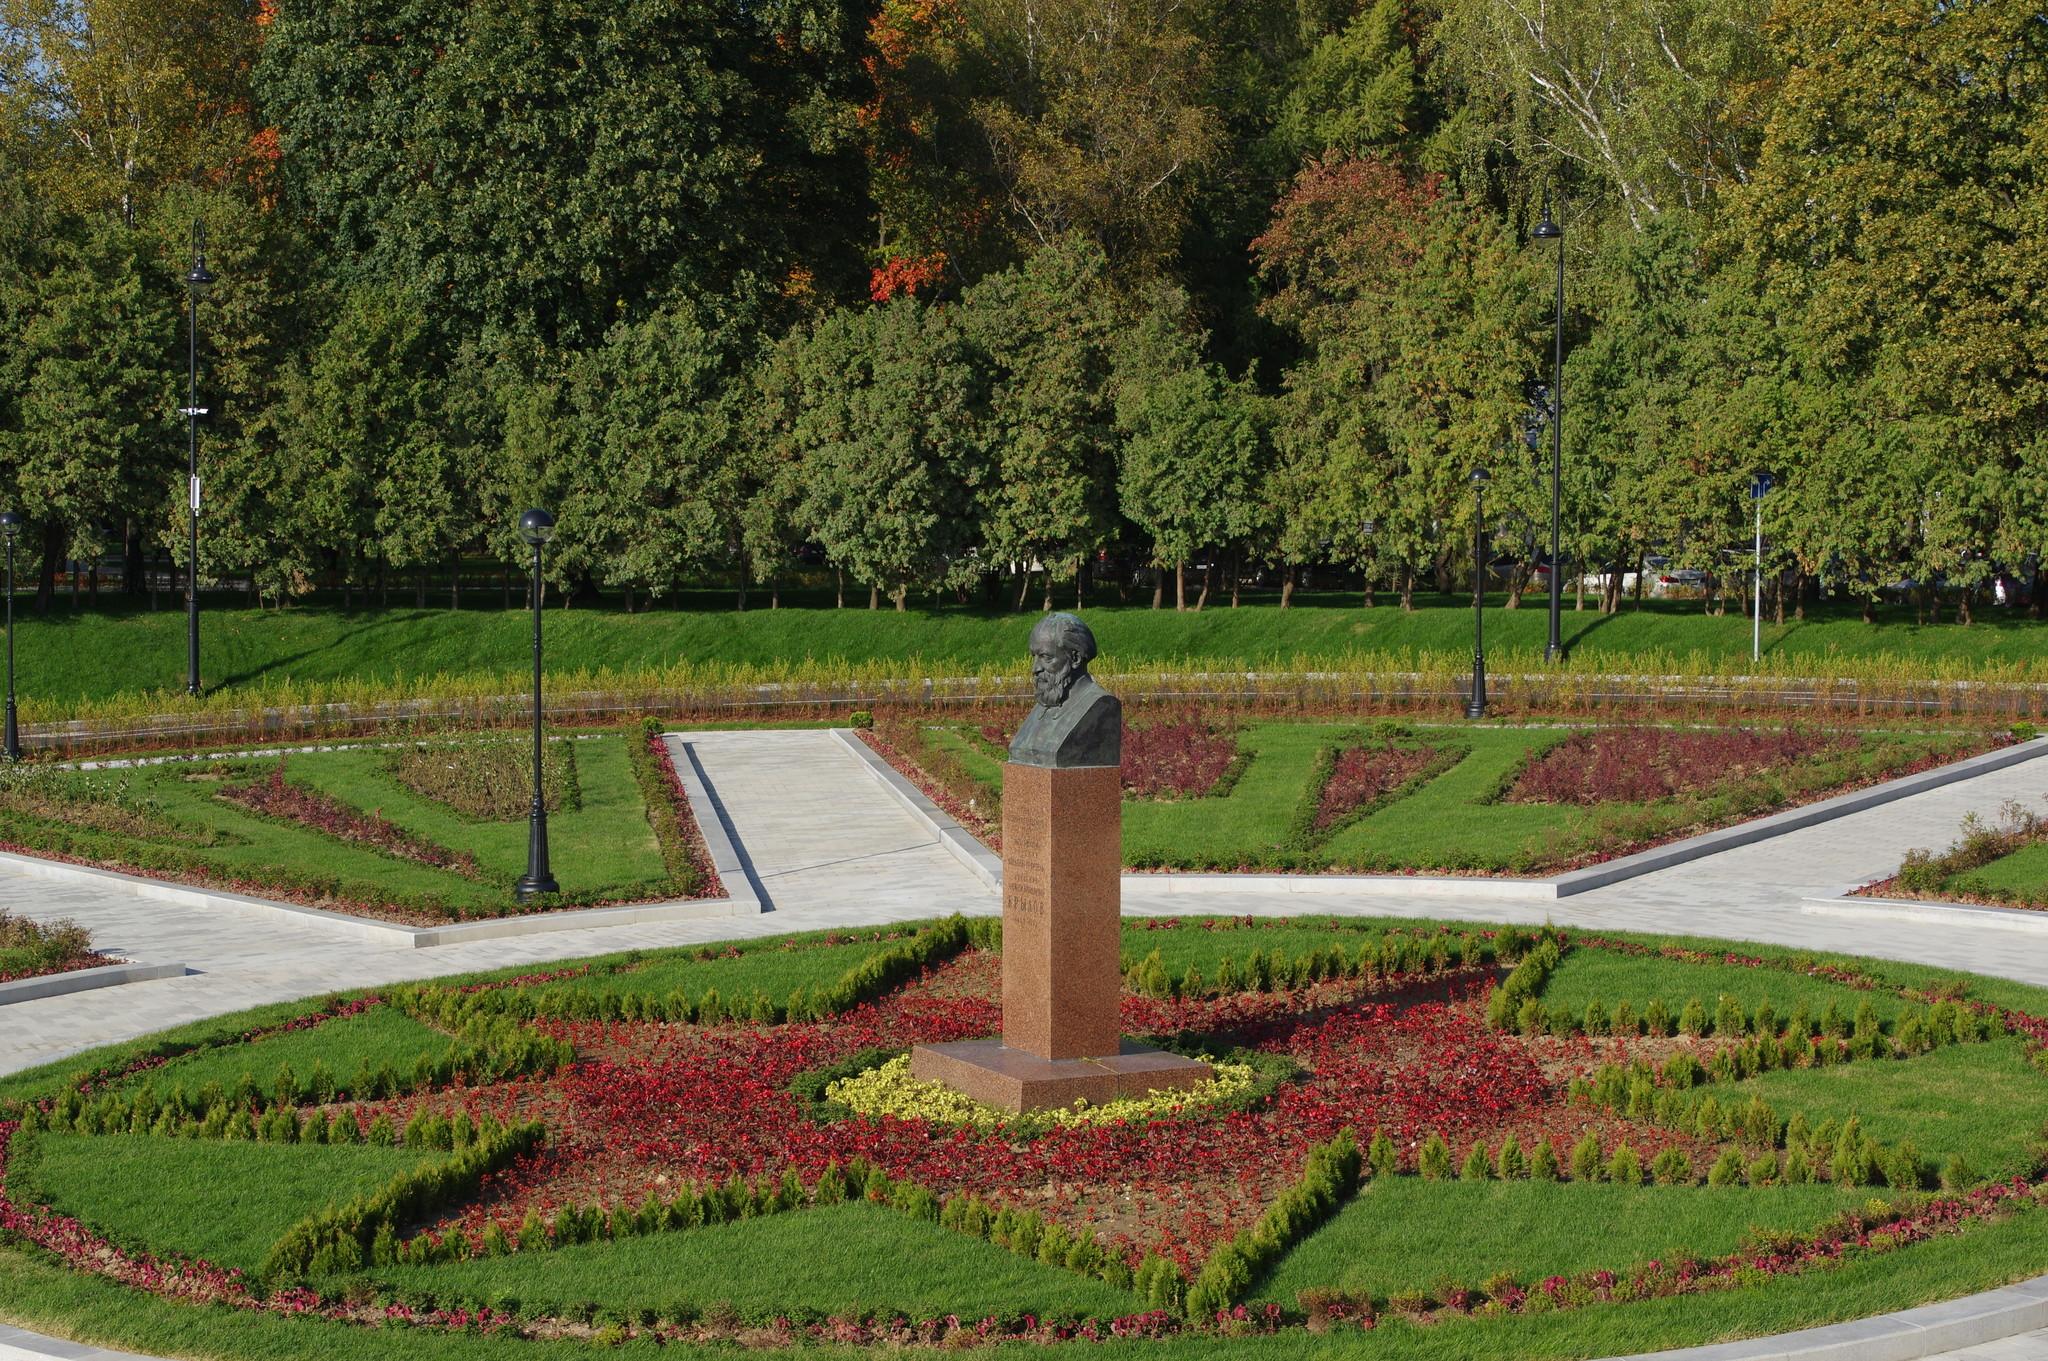 Авторами памятника А.Н. Крылову являются скульптор Лев Ефимович Кербель и архитектор Юрий Иванович Гольцев